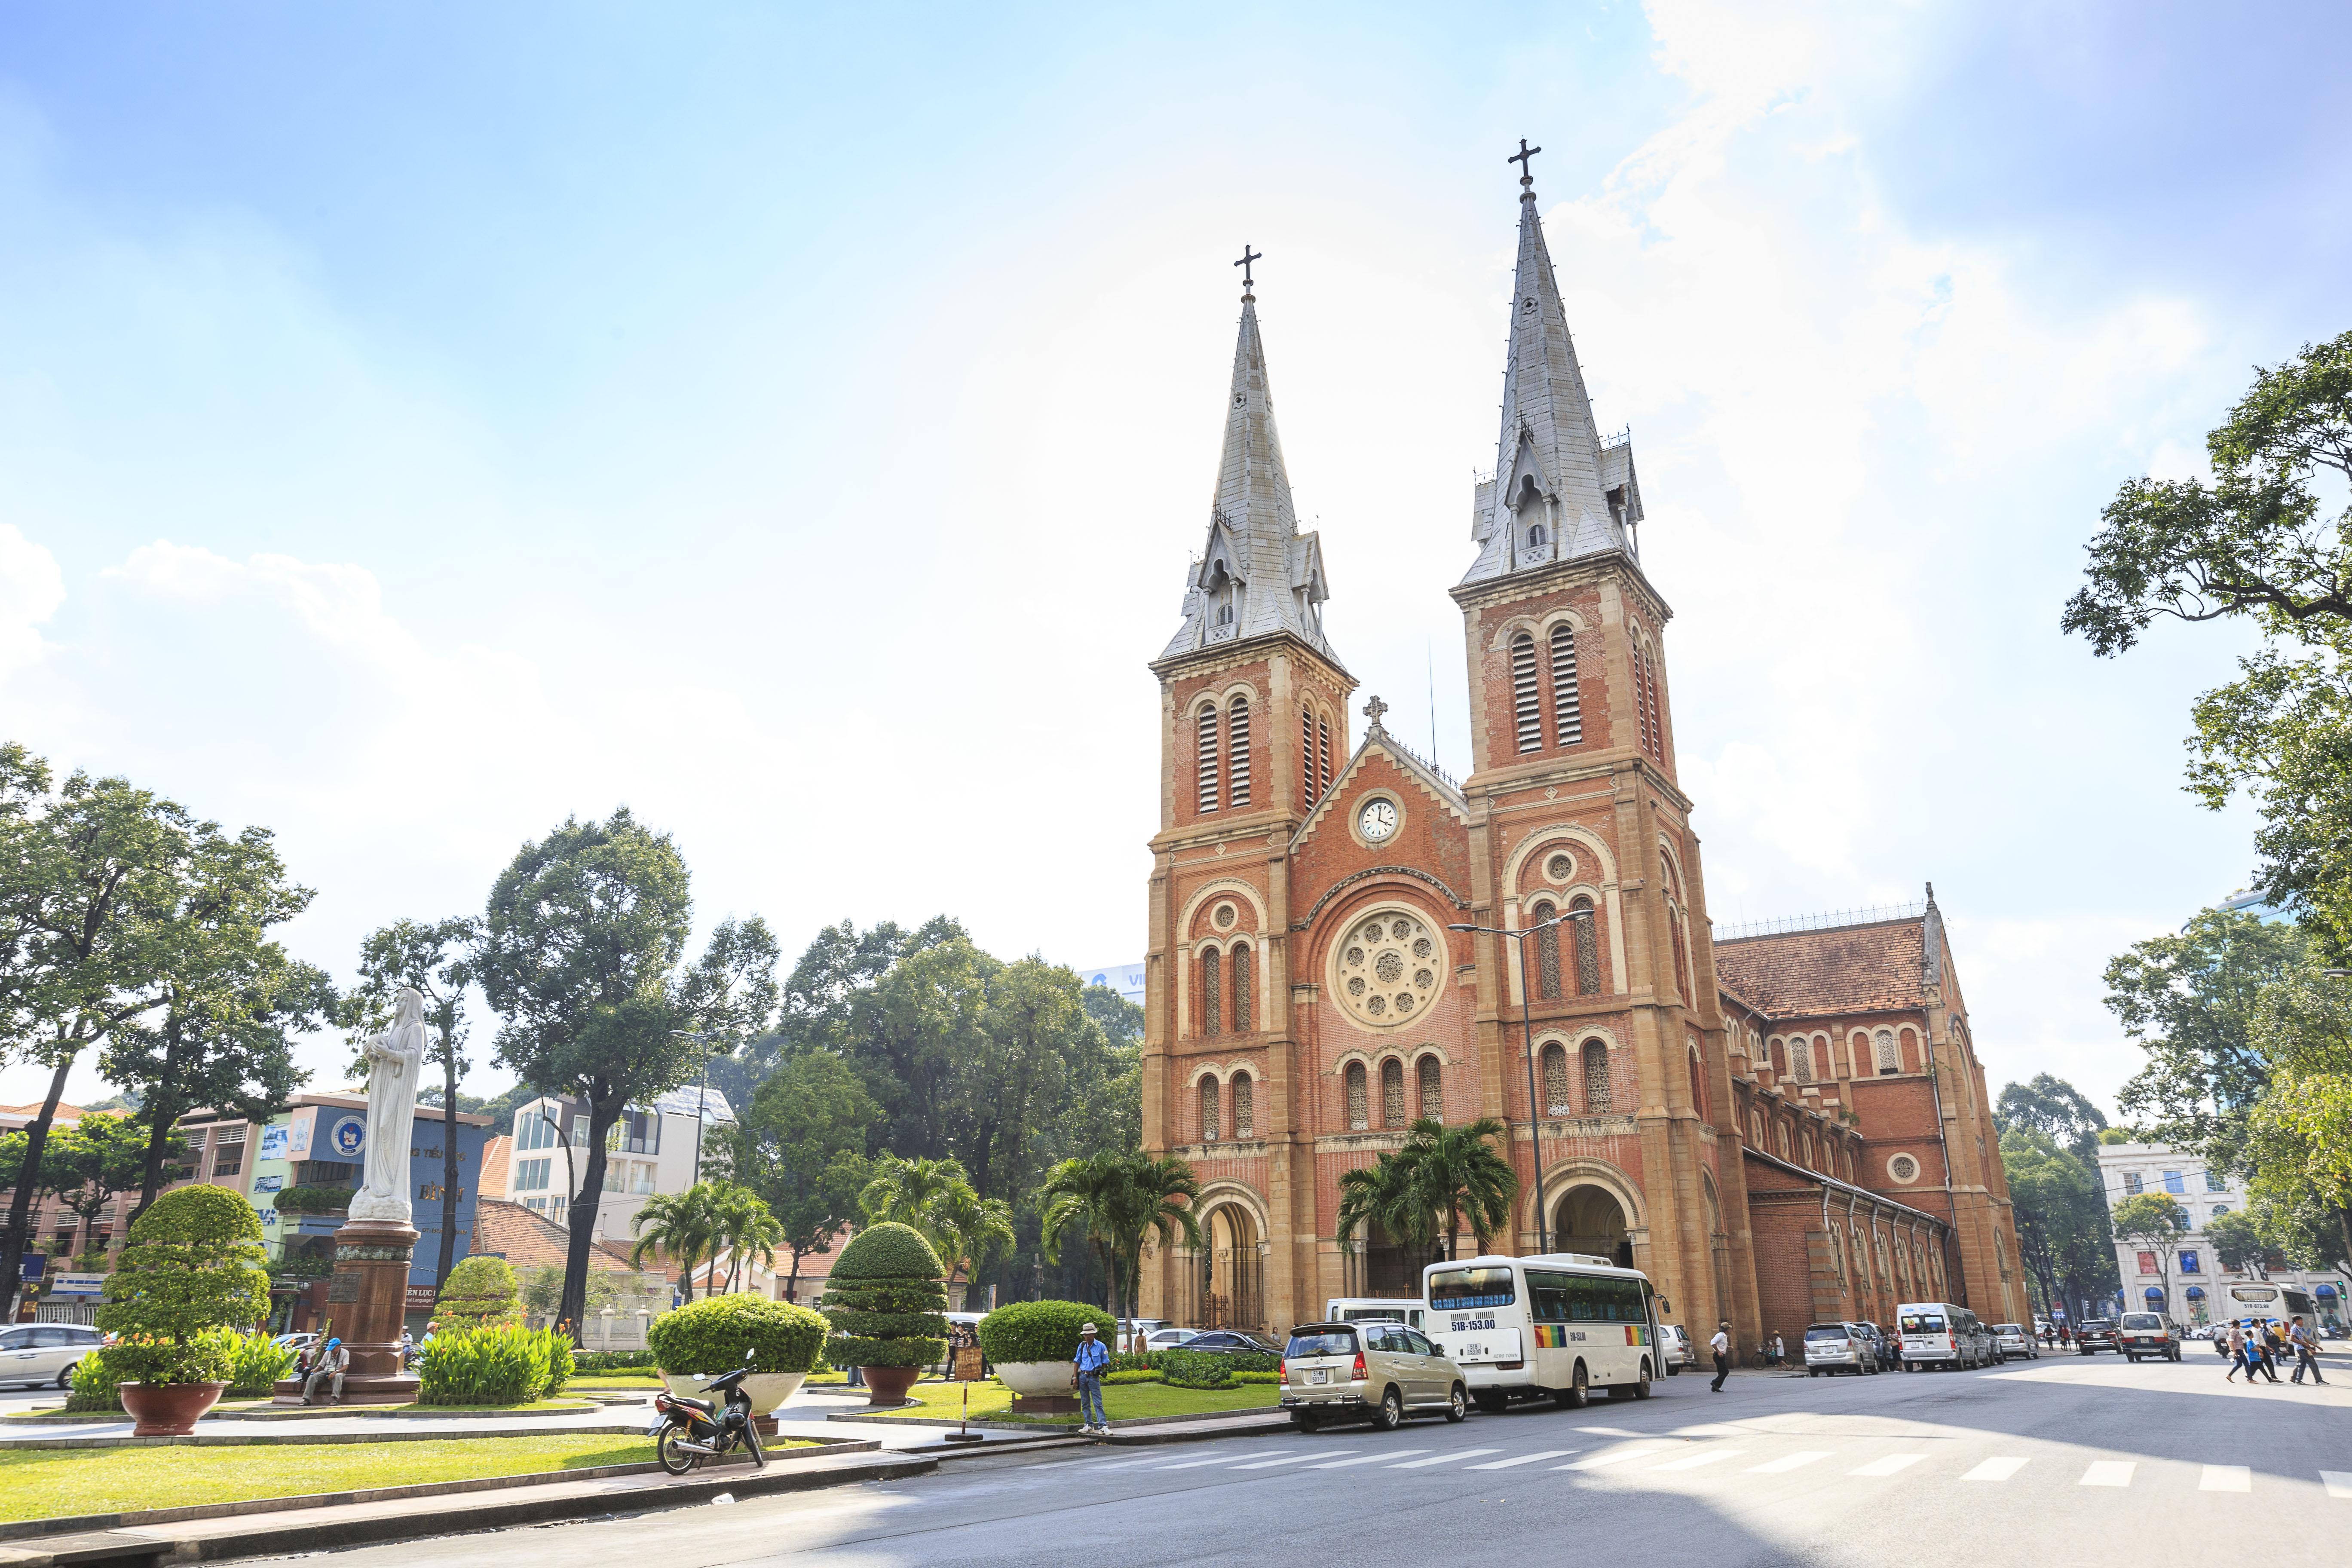 サイゴン大教会  19世紀末のフランス植民地時代に建てられた、ネオ・ゴシック様式のカトリック大司教座大聖堂。